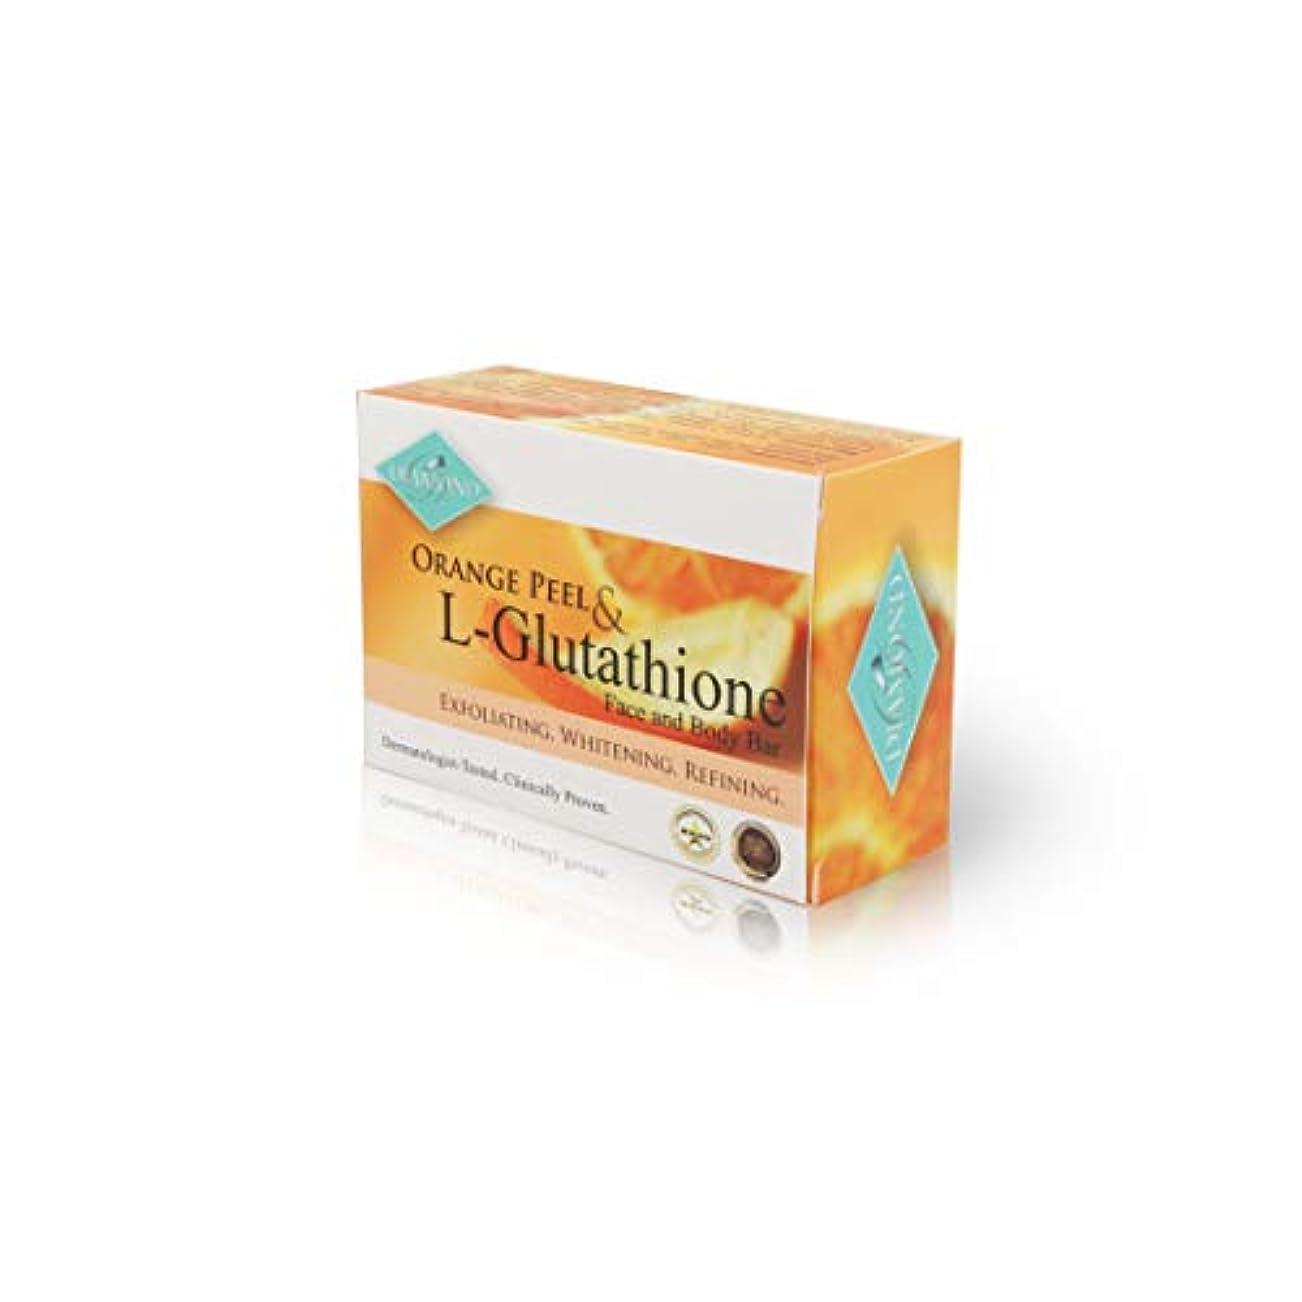 概念エクスタシー上級DIAMOND ORANGE PEEL&Glutathione soap/オレンジピール&グルタチオン配合ソープ(美容石けん) 150g 正規輸入品